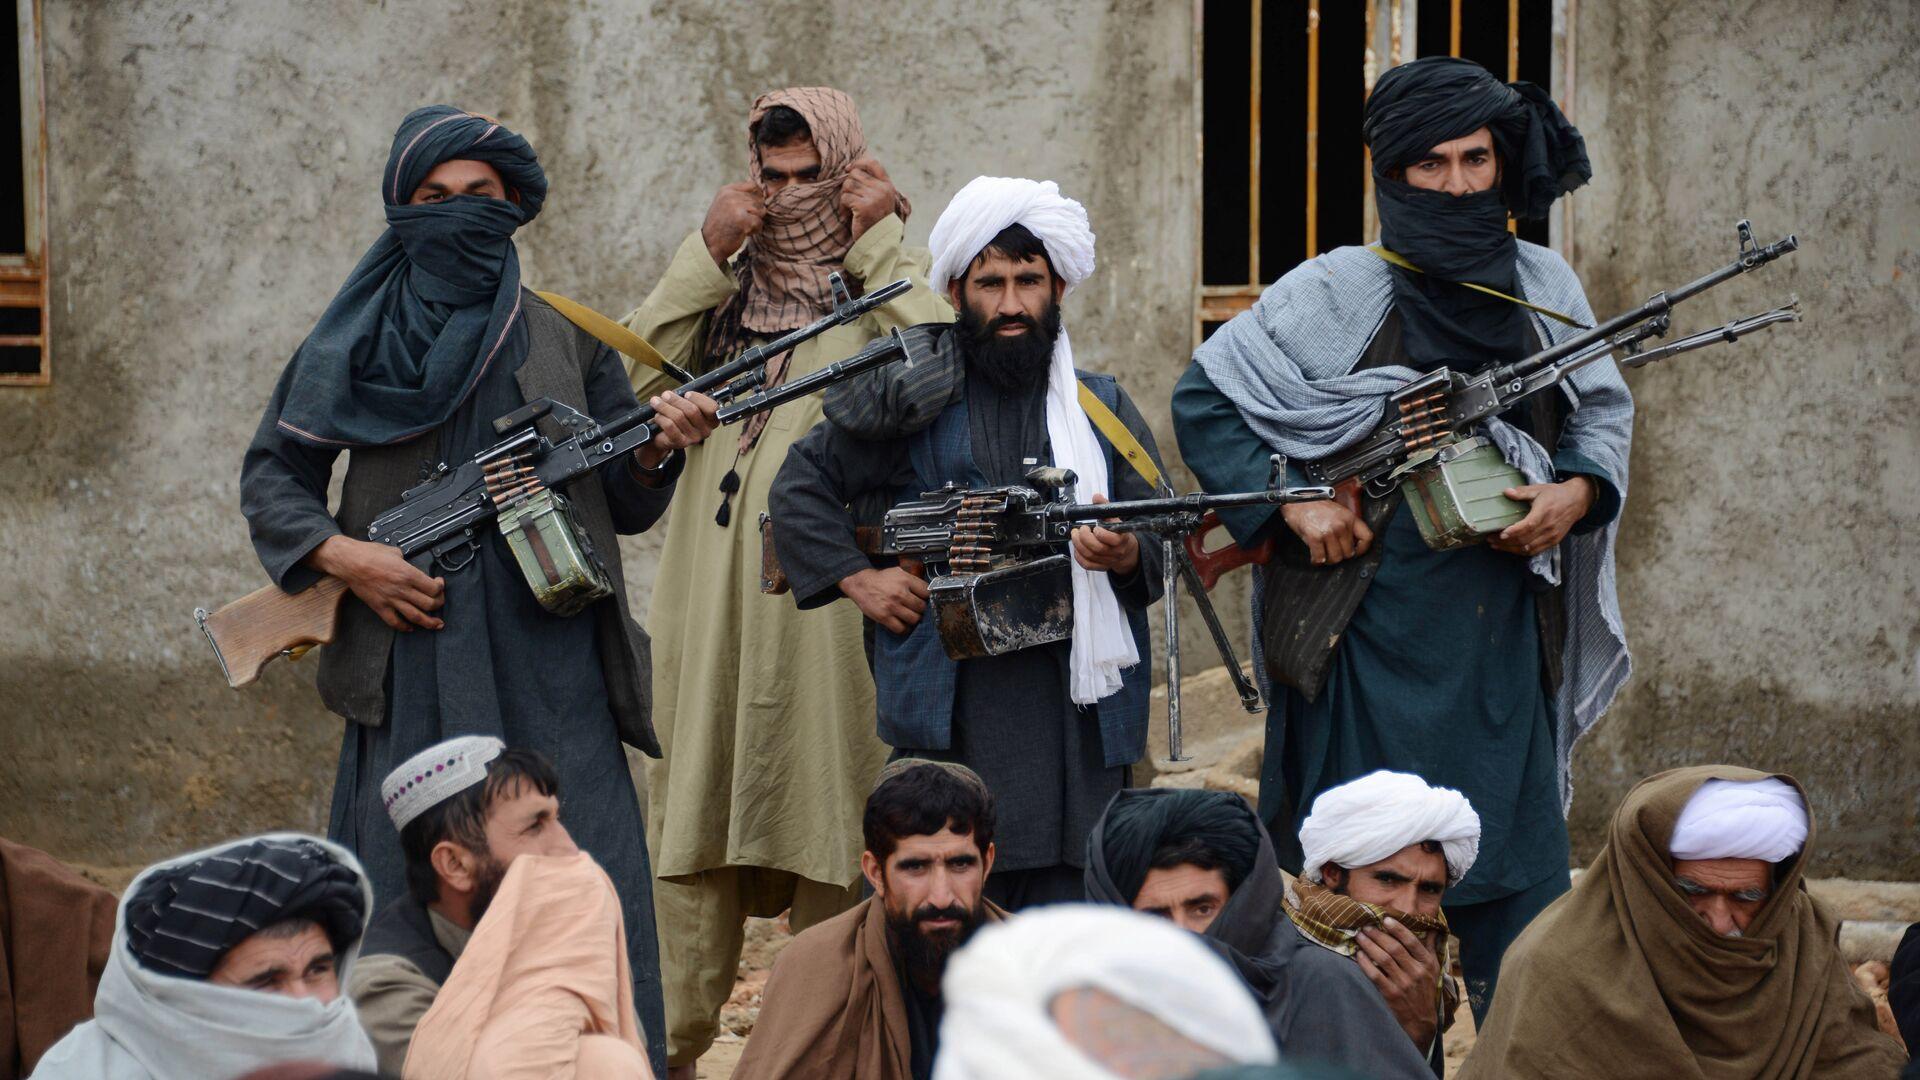 Des talibans* en Afghanistan - Sputnik France, 1920, 17.09.2021